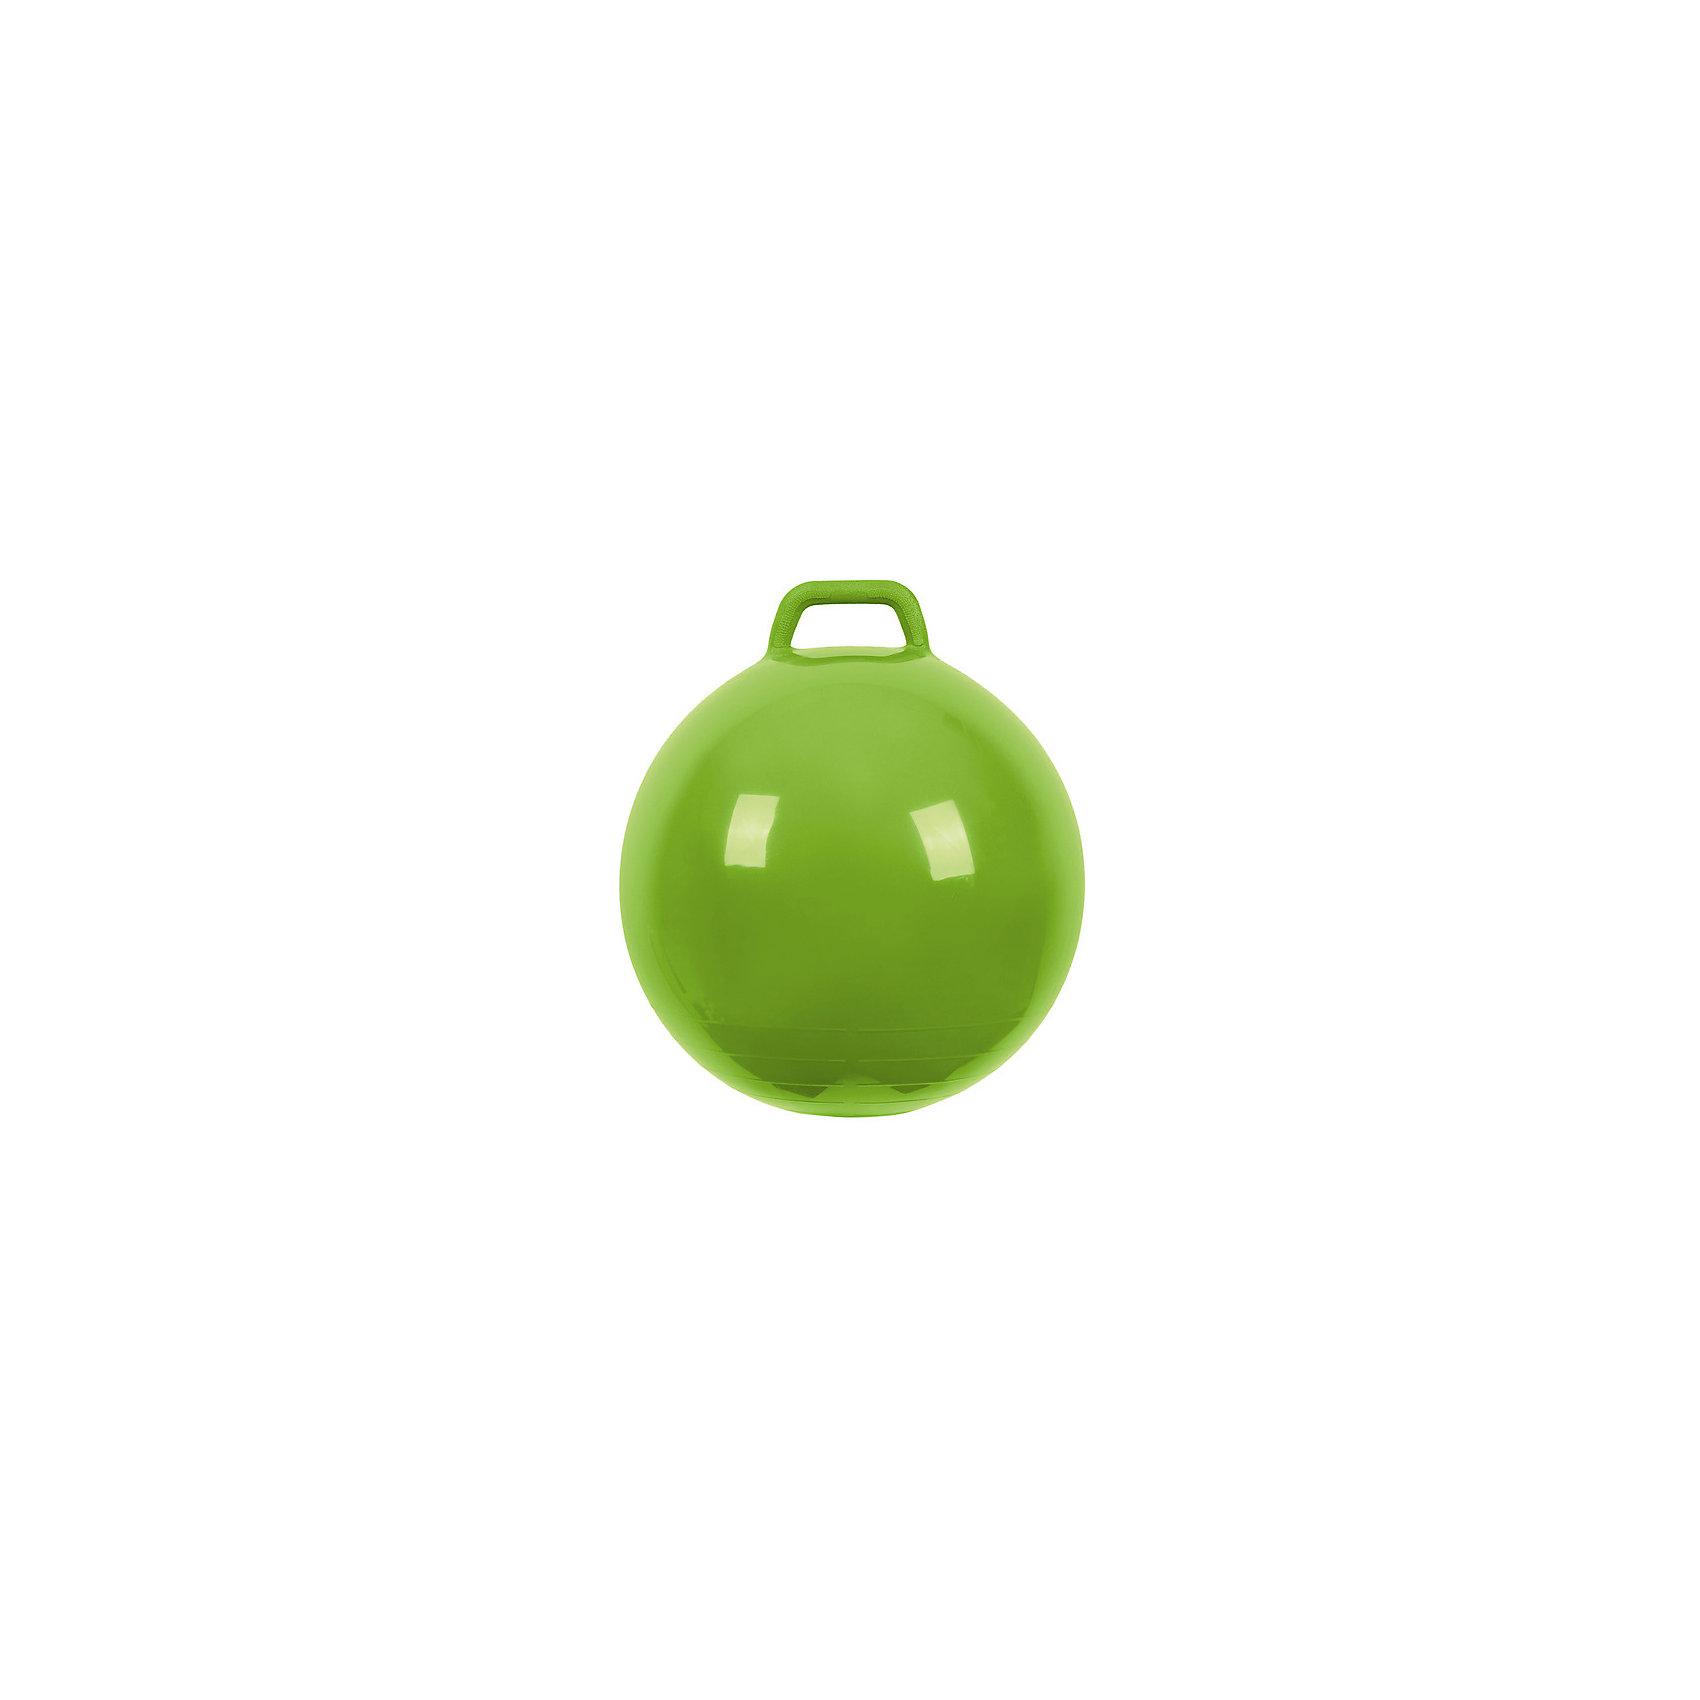 Мяч Прыгун с ручкой, 50 см, зеленый, МалышОКПрыгуны и джамперы<br><br><br>Ширина мм: 122<br>Глубина мм: 153<br>Высота мм: 254<br>Вес г: 700<br>Возраст от месяцев: 48<br>Возраст до месяцев: 2147483647<br>Пол: Унисекс<br>Возраст: Детский<br>SKU: 6767723